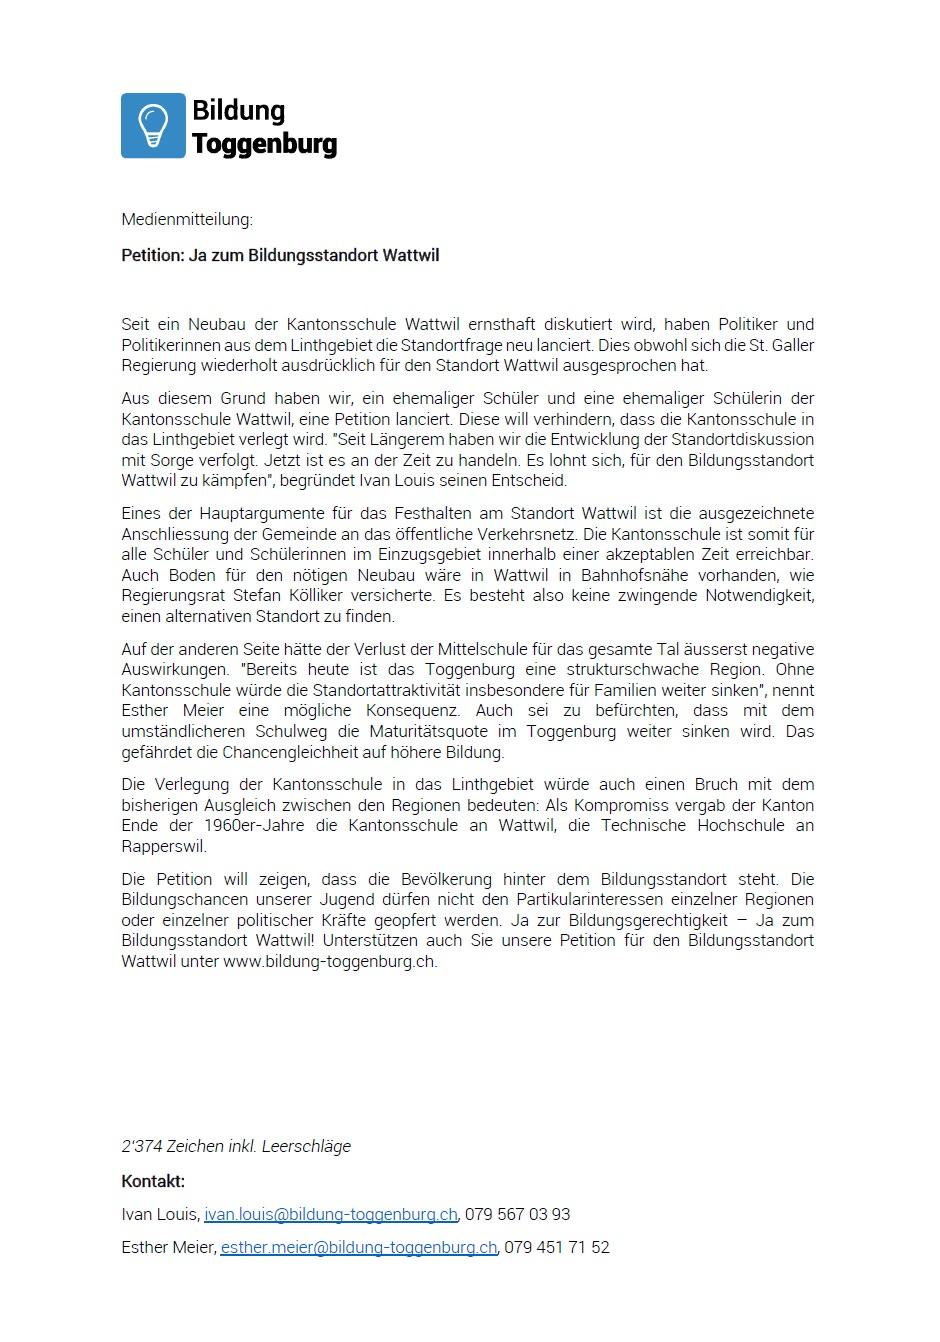 Medienmitteilung: Ja zum Bildungsstandort Wattwil (Sonntag, 23.02.2014)